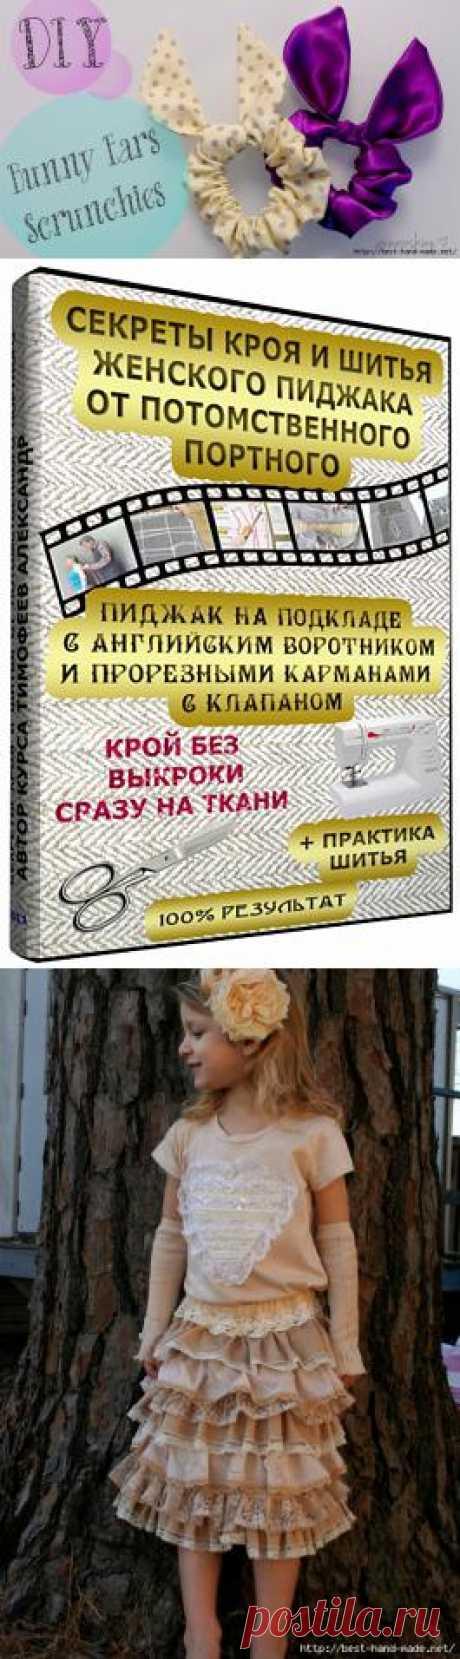 Шитье | Записи в рубрике Шитье | Дневник glebova_aa